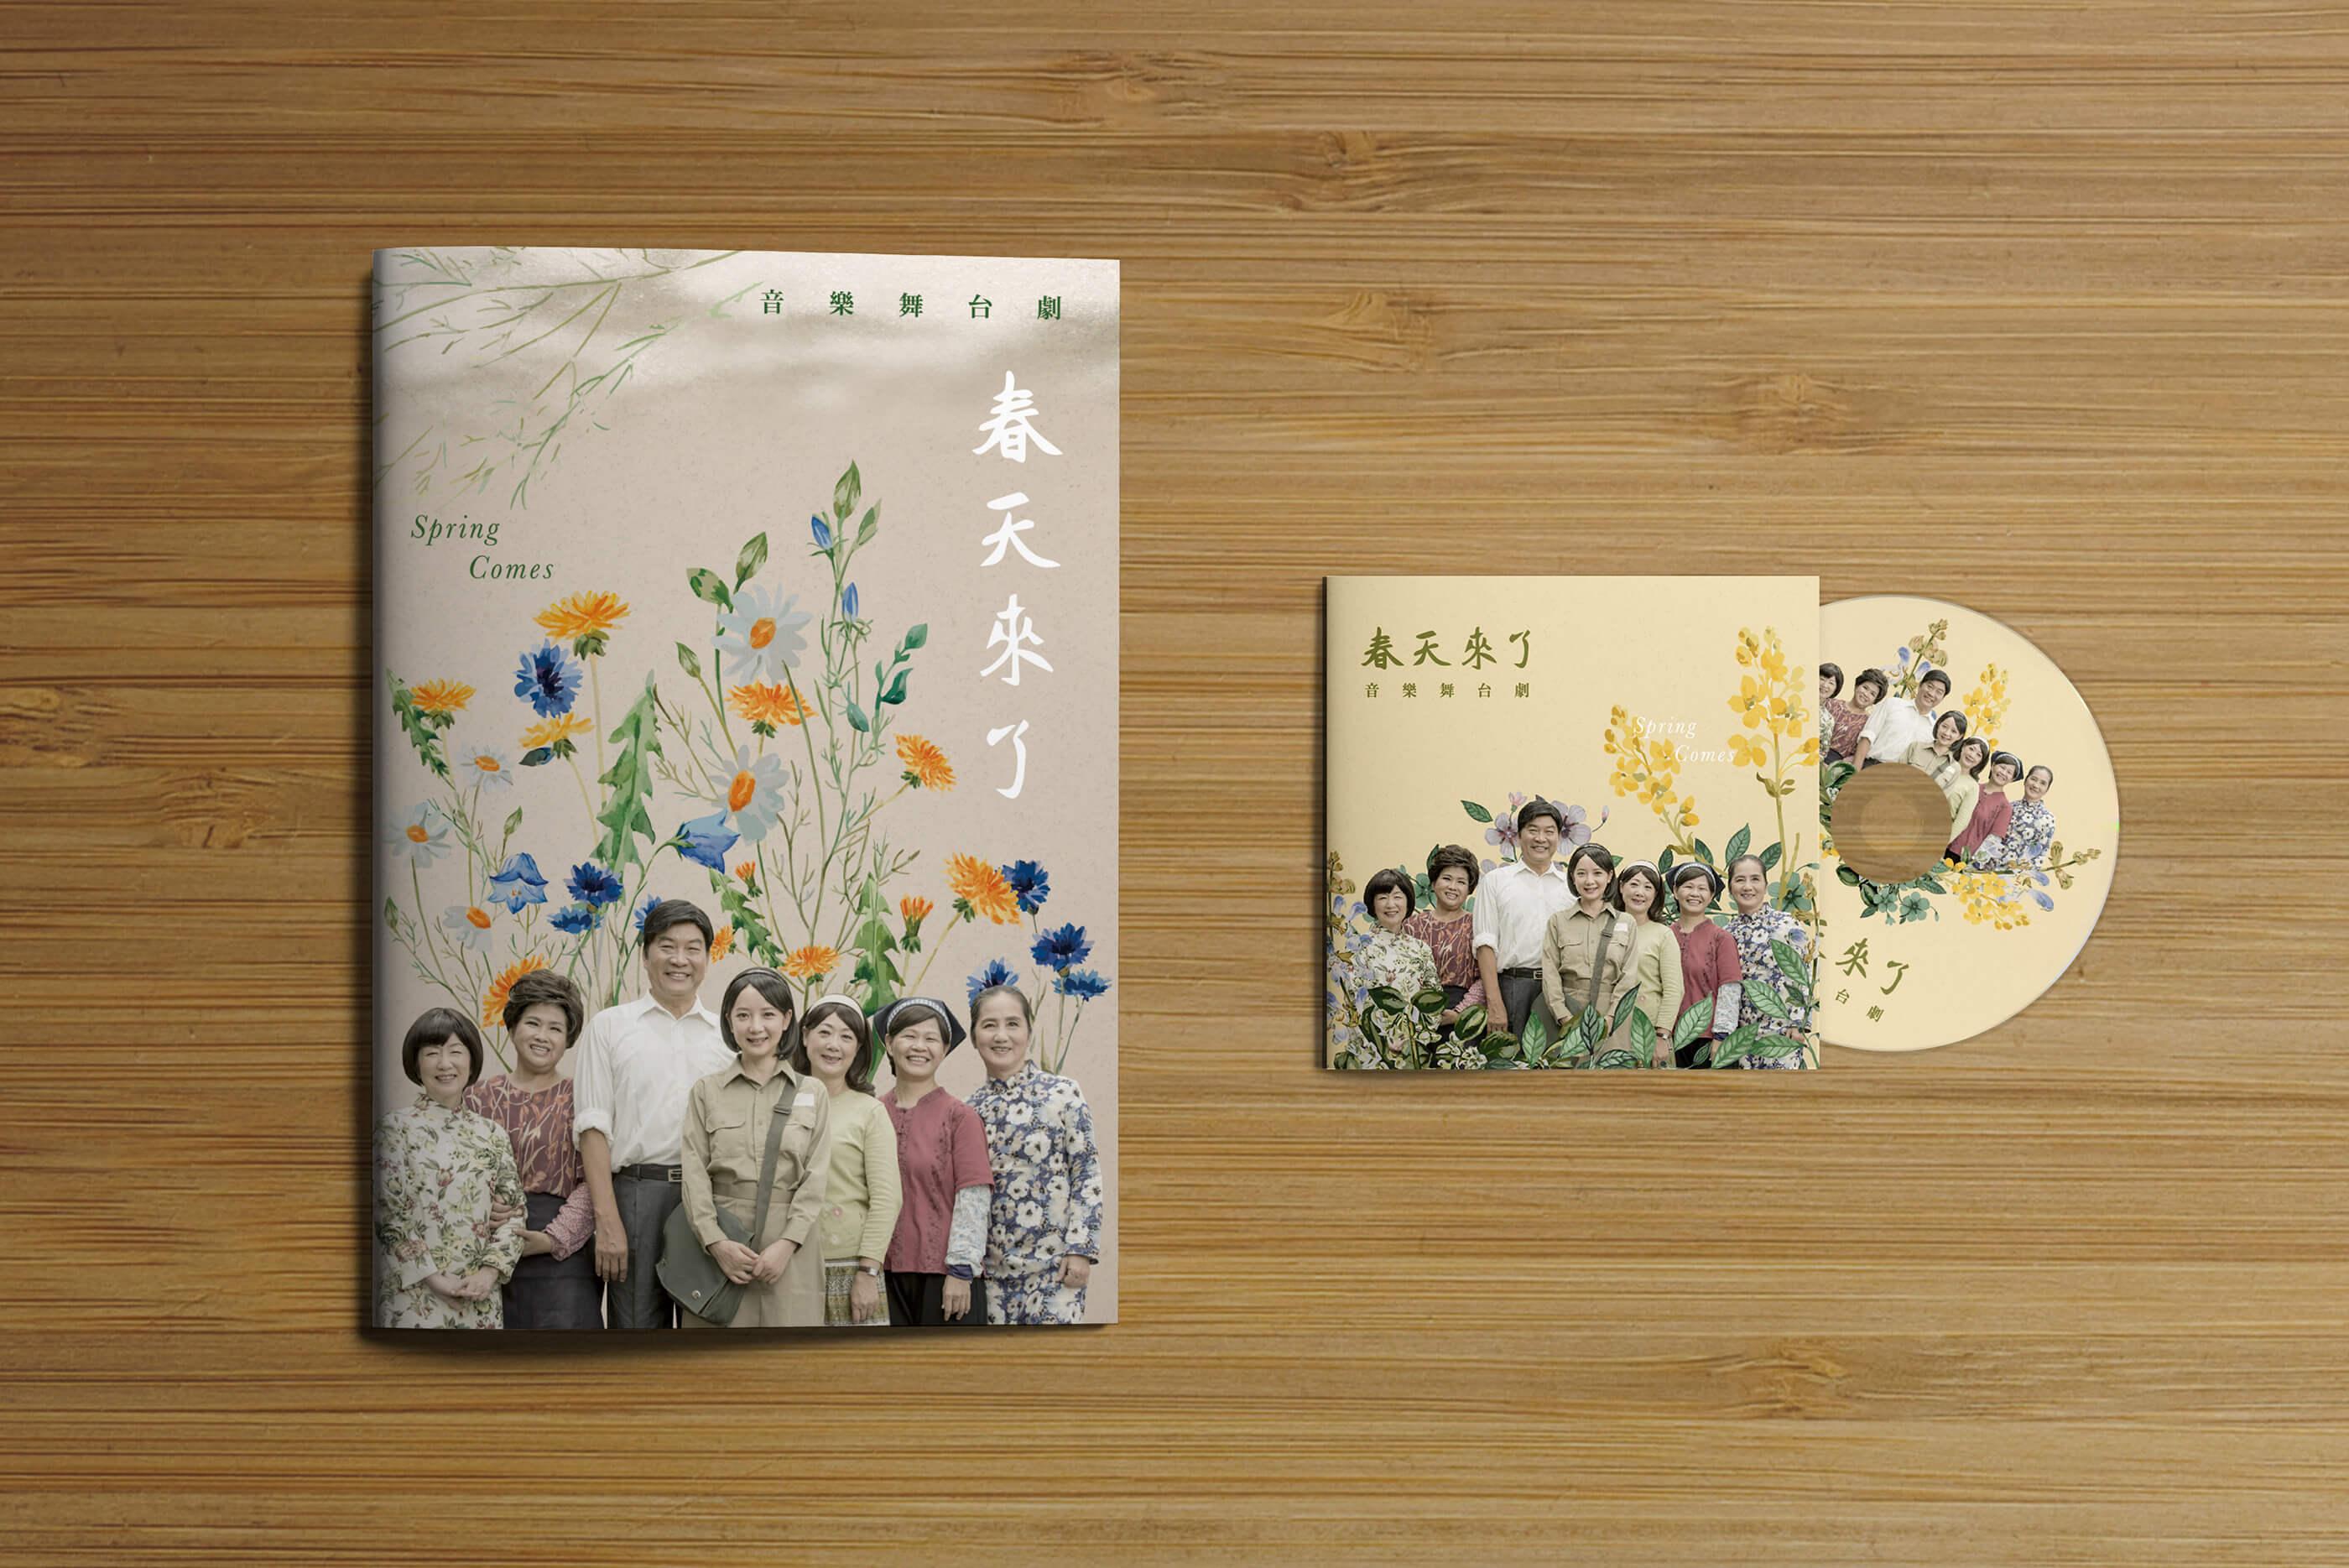 Brochure & CD Package|《春天來了》音樂舞台劇周邊設計